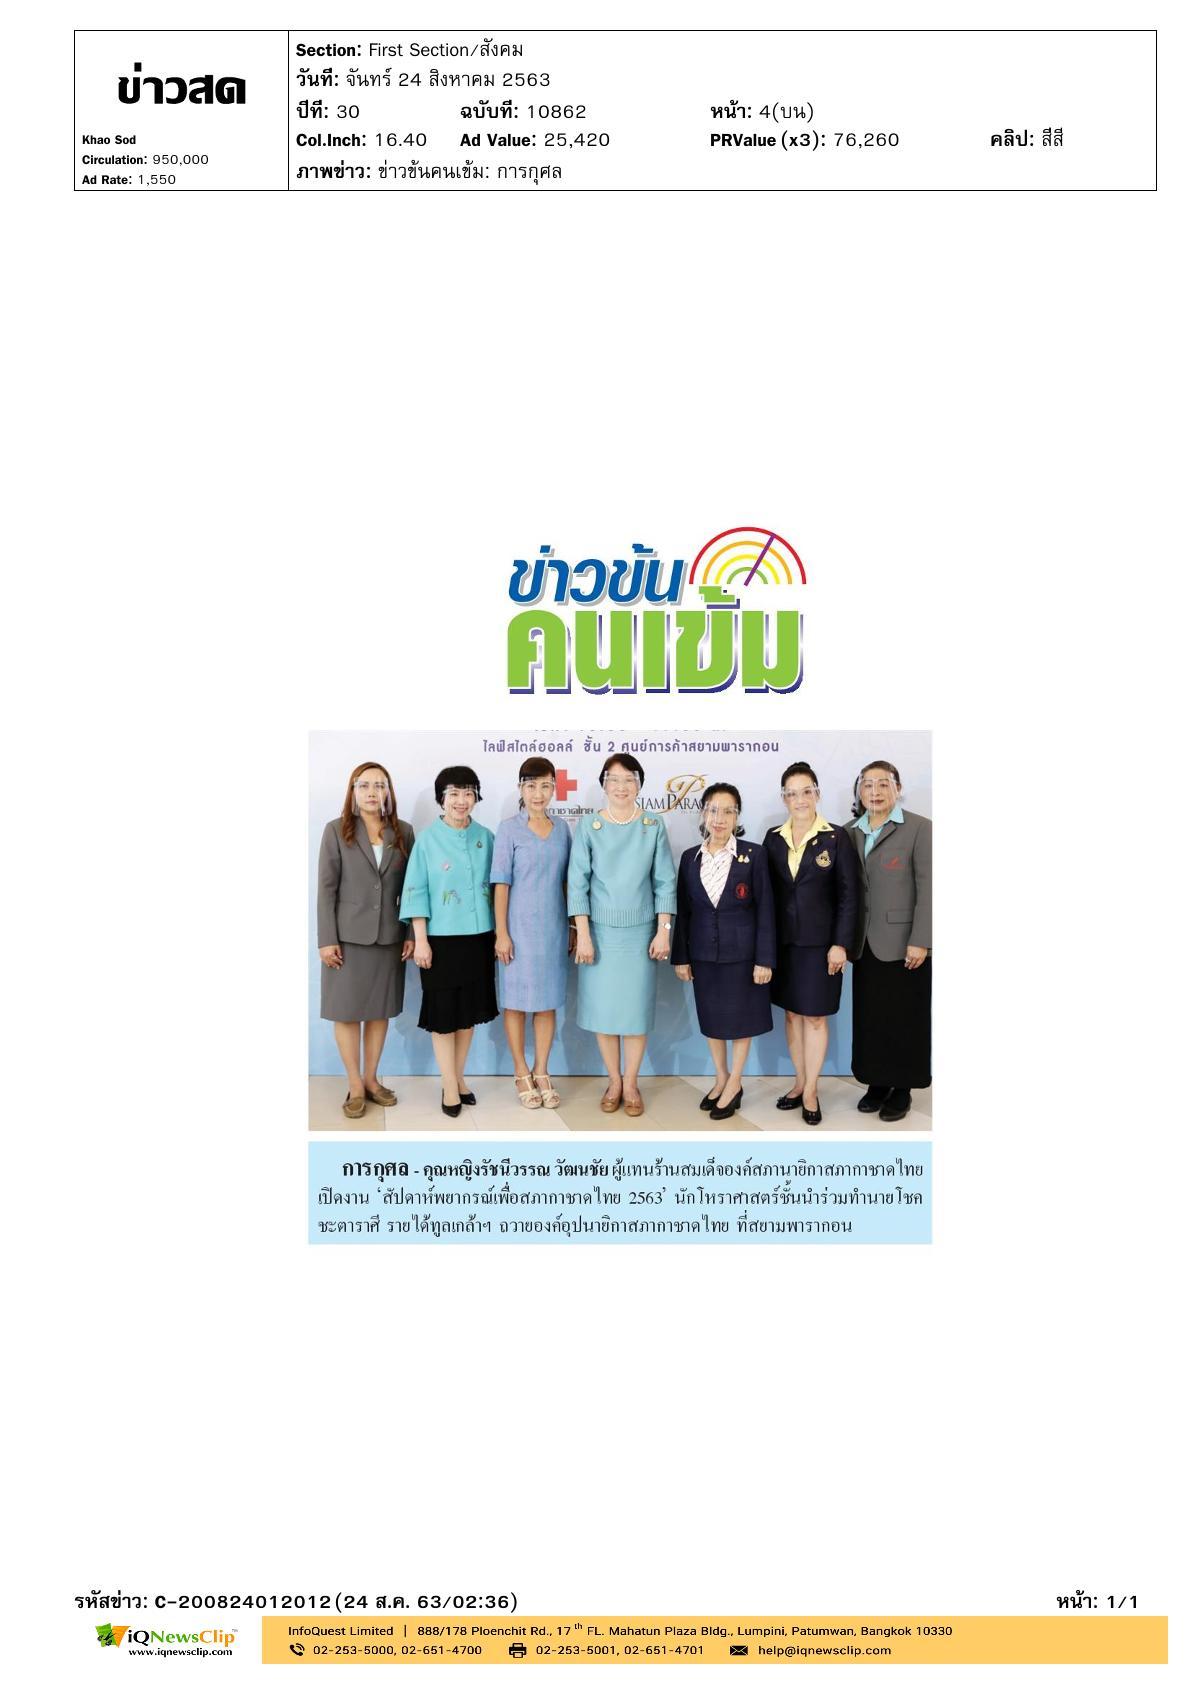 """งาน """"สัปดาห์พยากรณ์เพื่อ สภากาชาดไทย"""" ประจำปี 2563"""